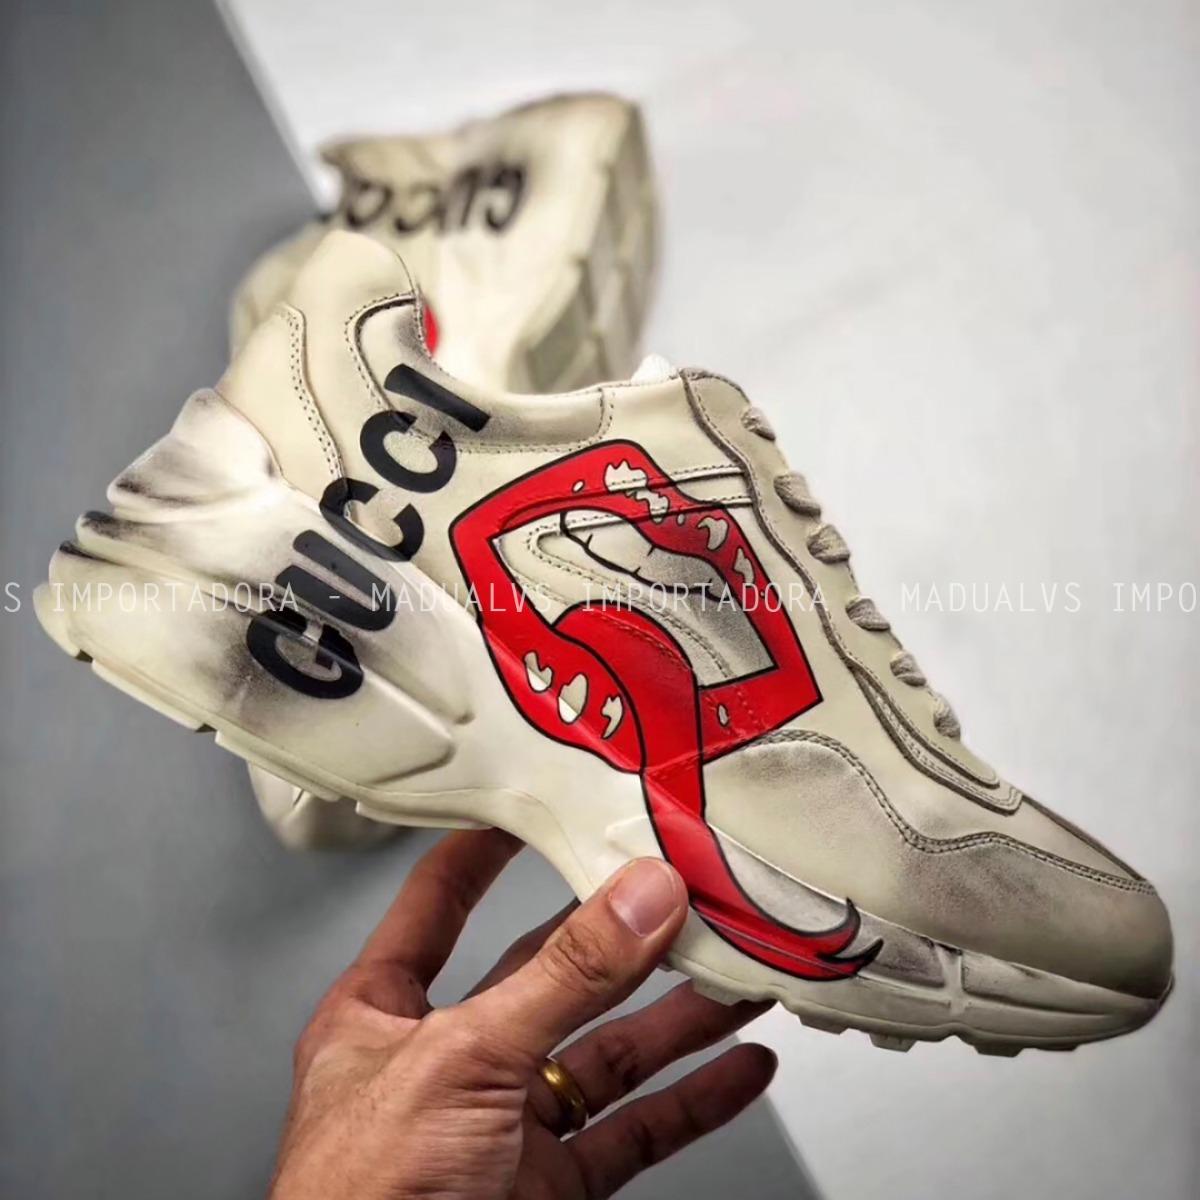 Tênis Gucci Rhyton With Mouth Print G009 - Frete Grátis - R  1.190 ... 3fbaf7ae135